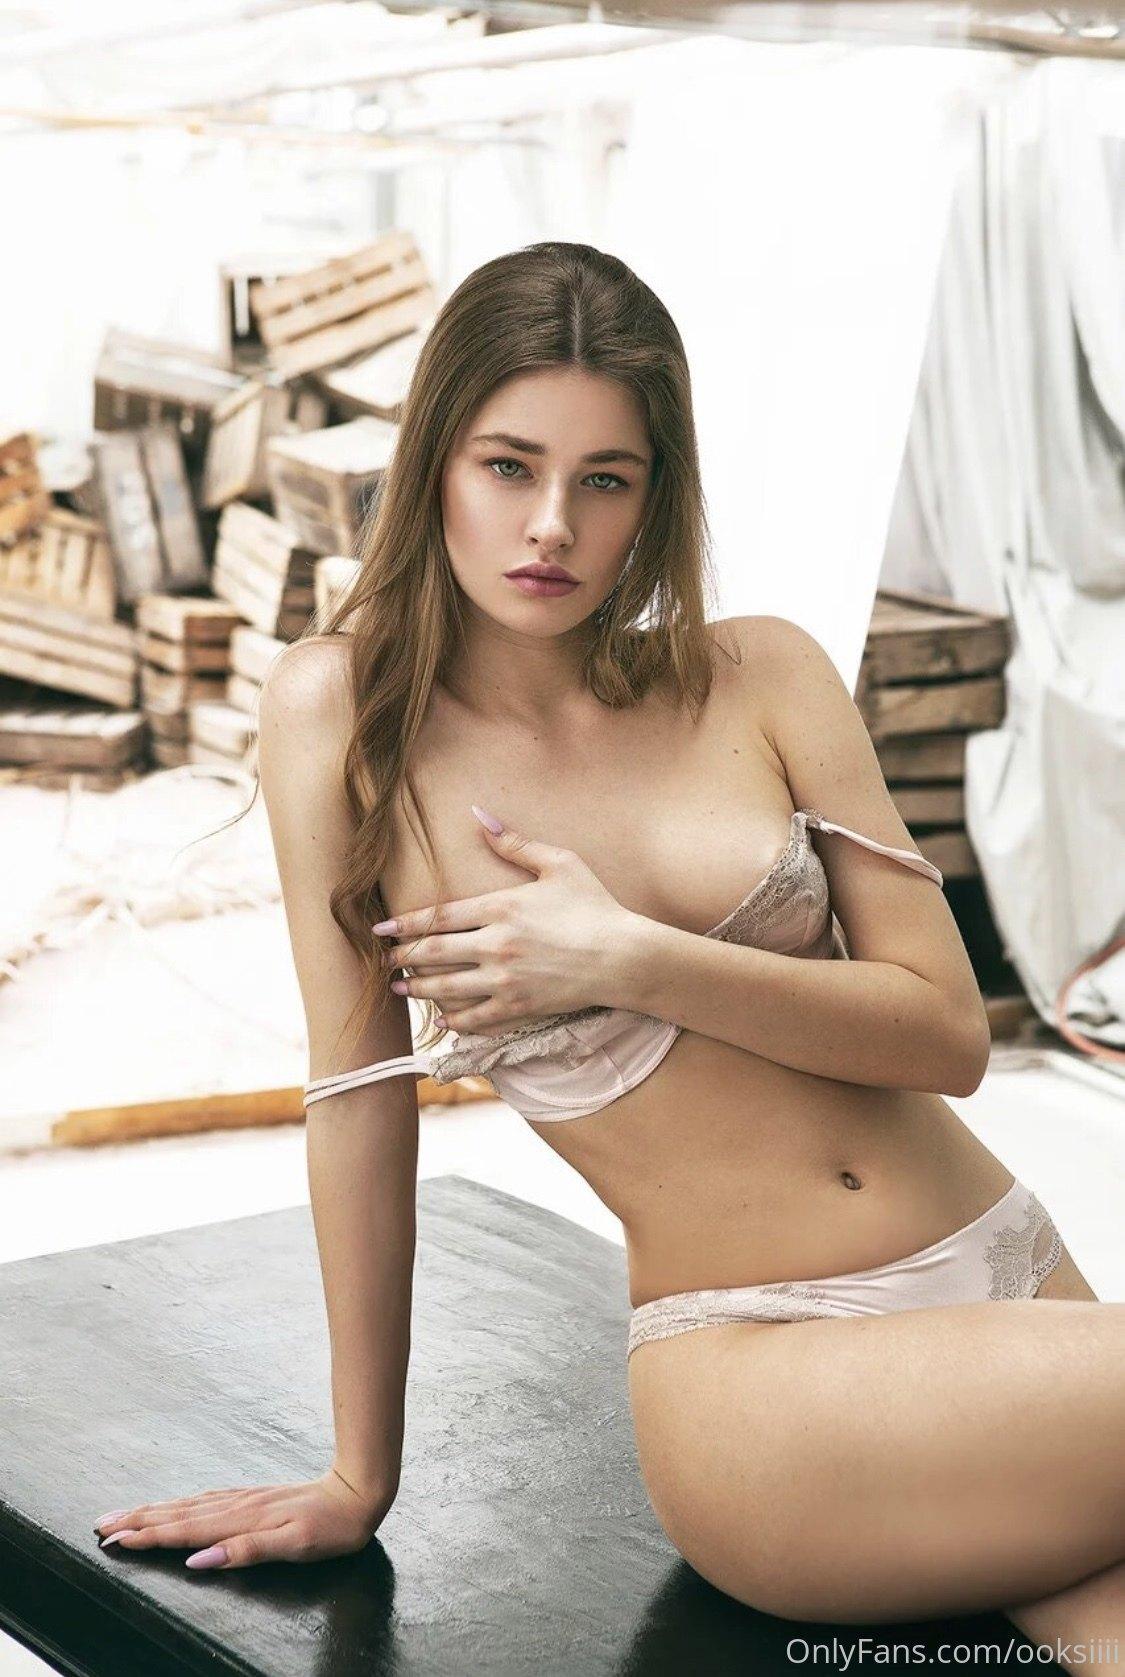 Oksana Fedorova, Ooksiii, Onlyfans 0035